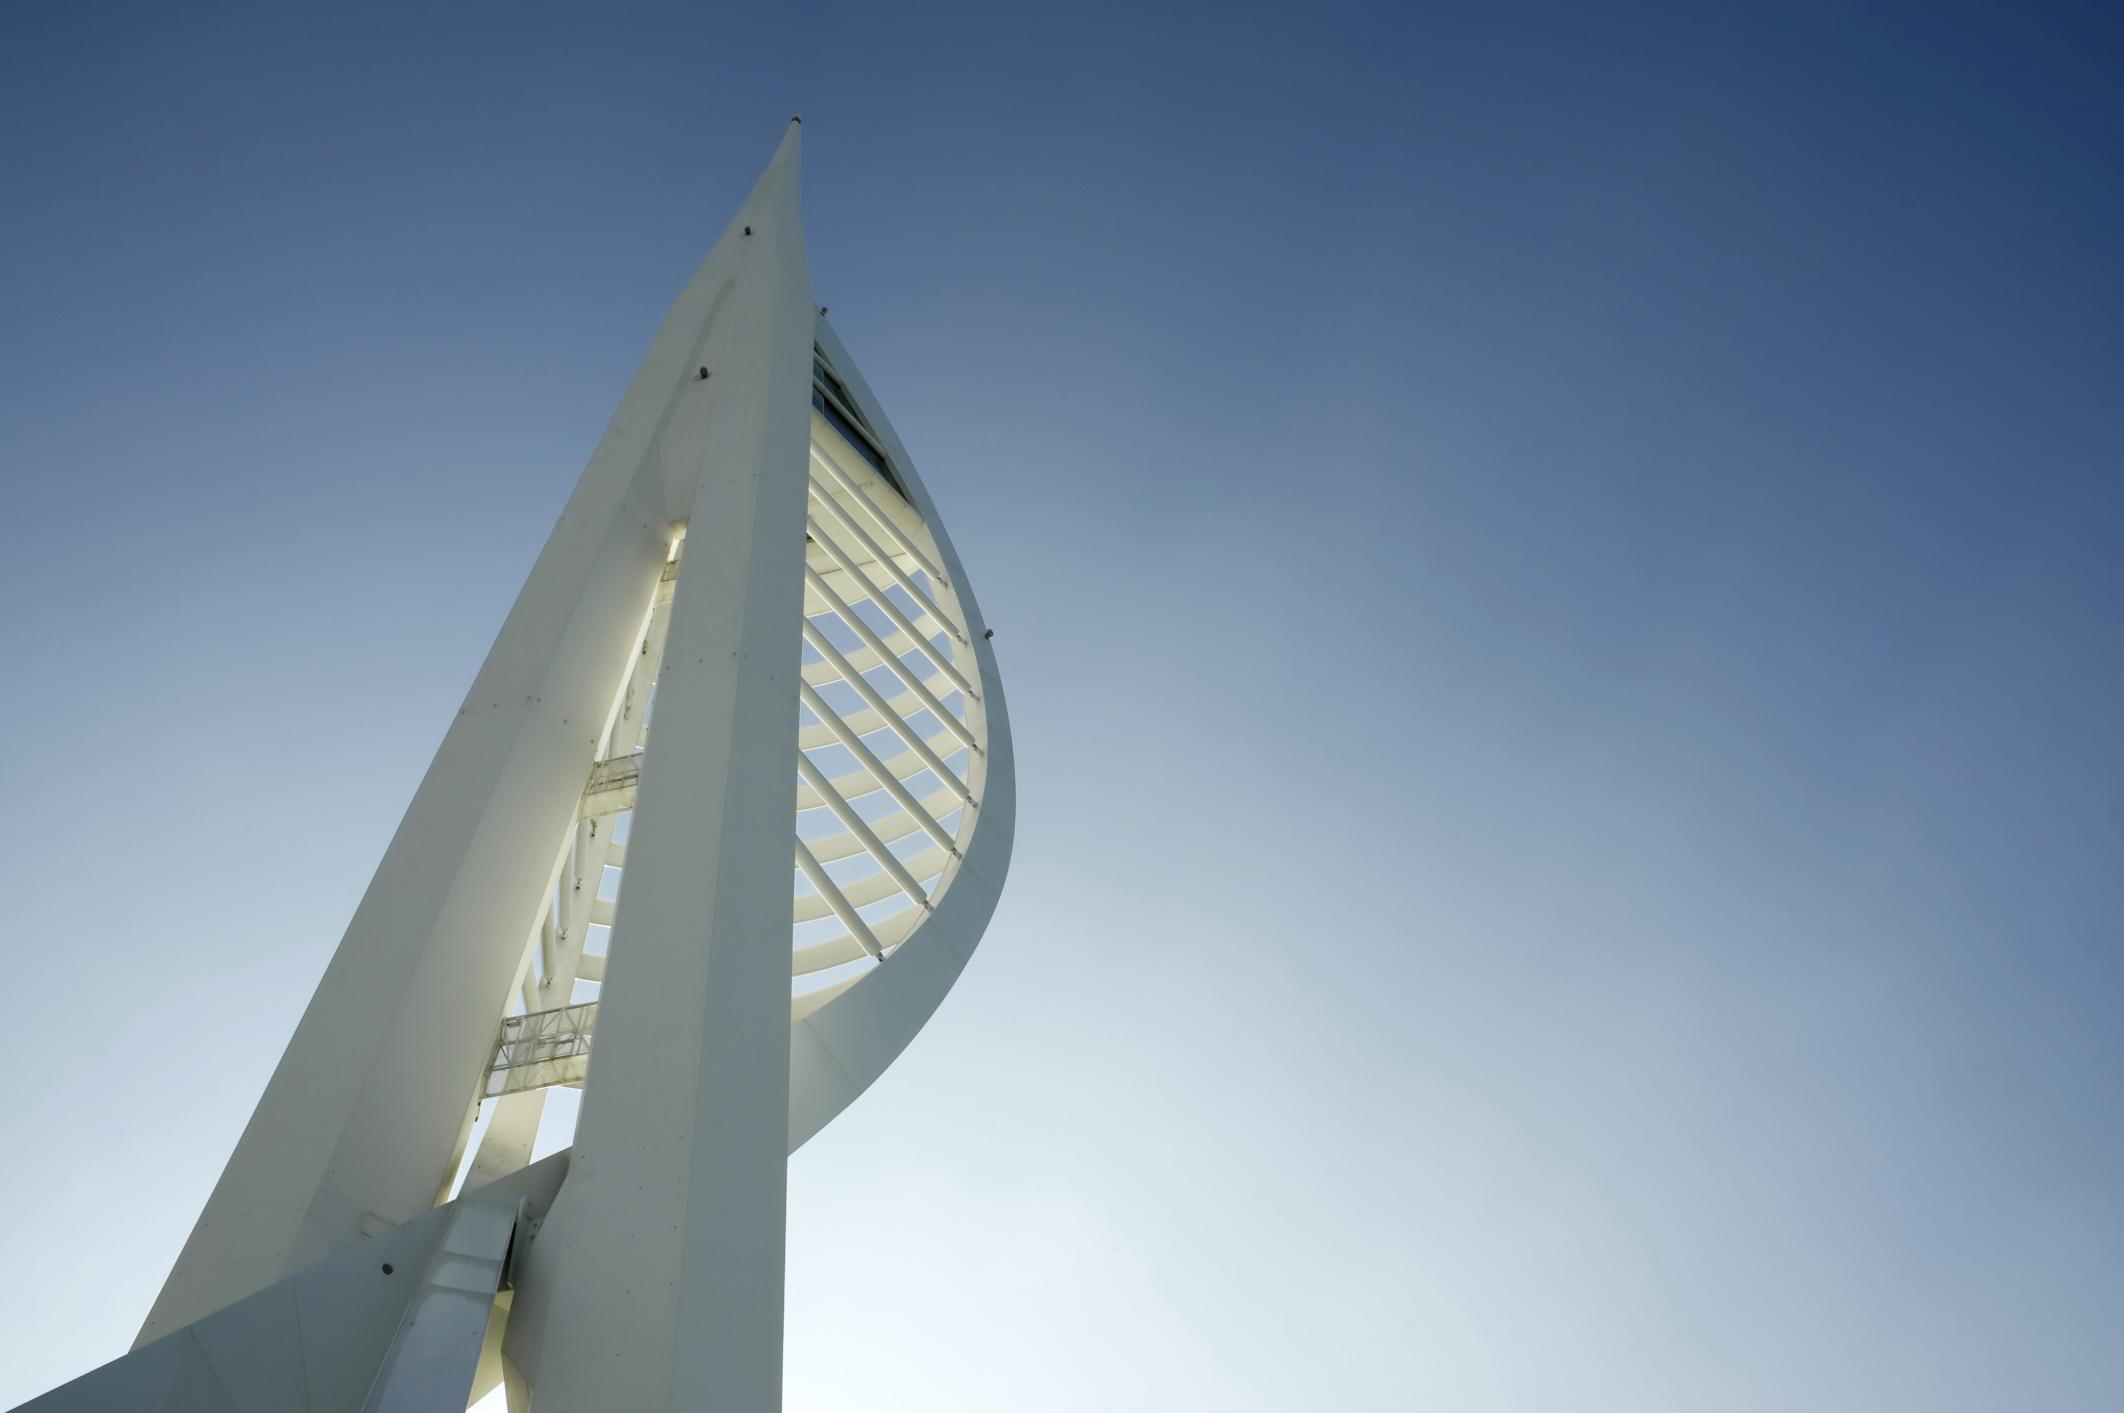 Смотровая башня Spinnaker Tower, Портсмут, Великобритания, Европа